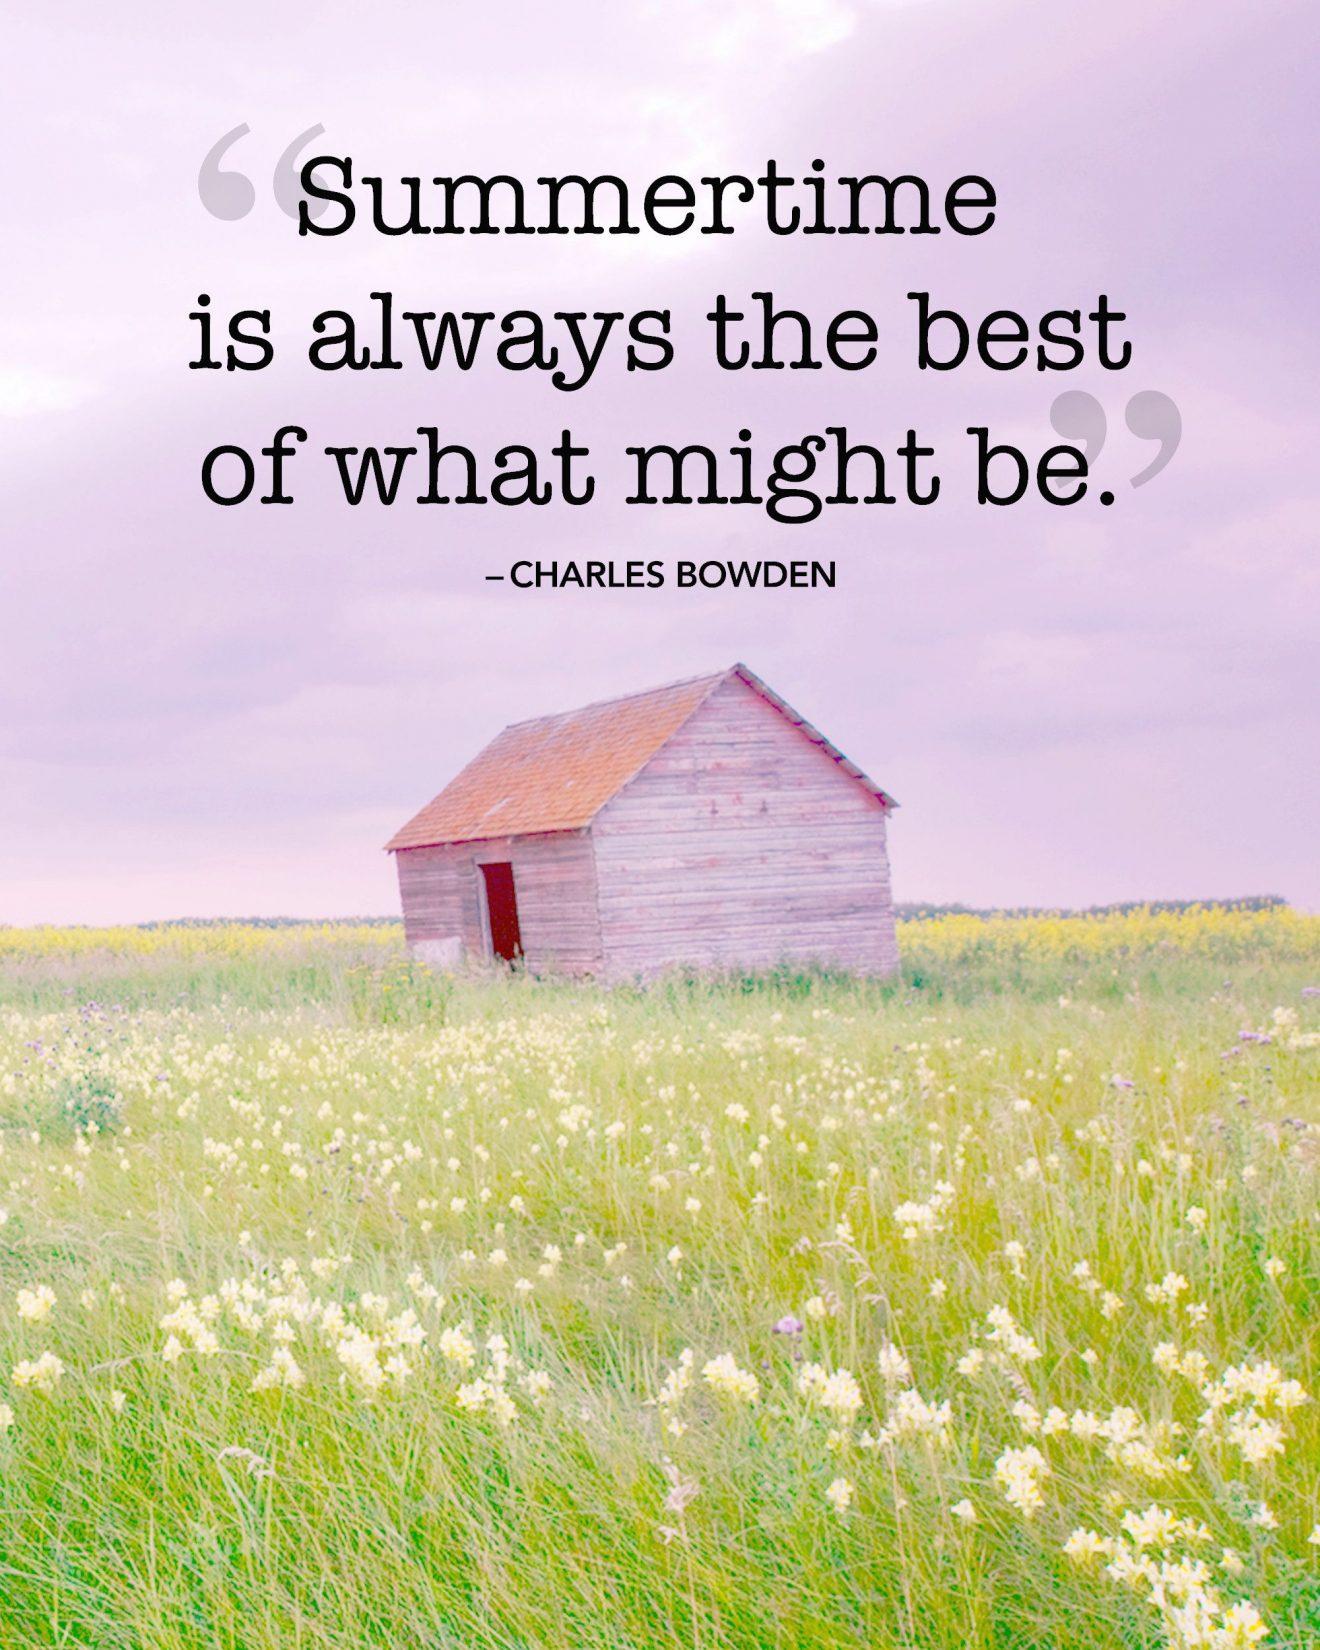 Summertime 2021